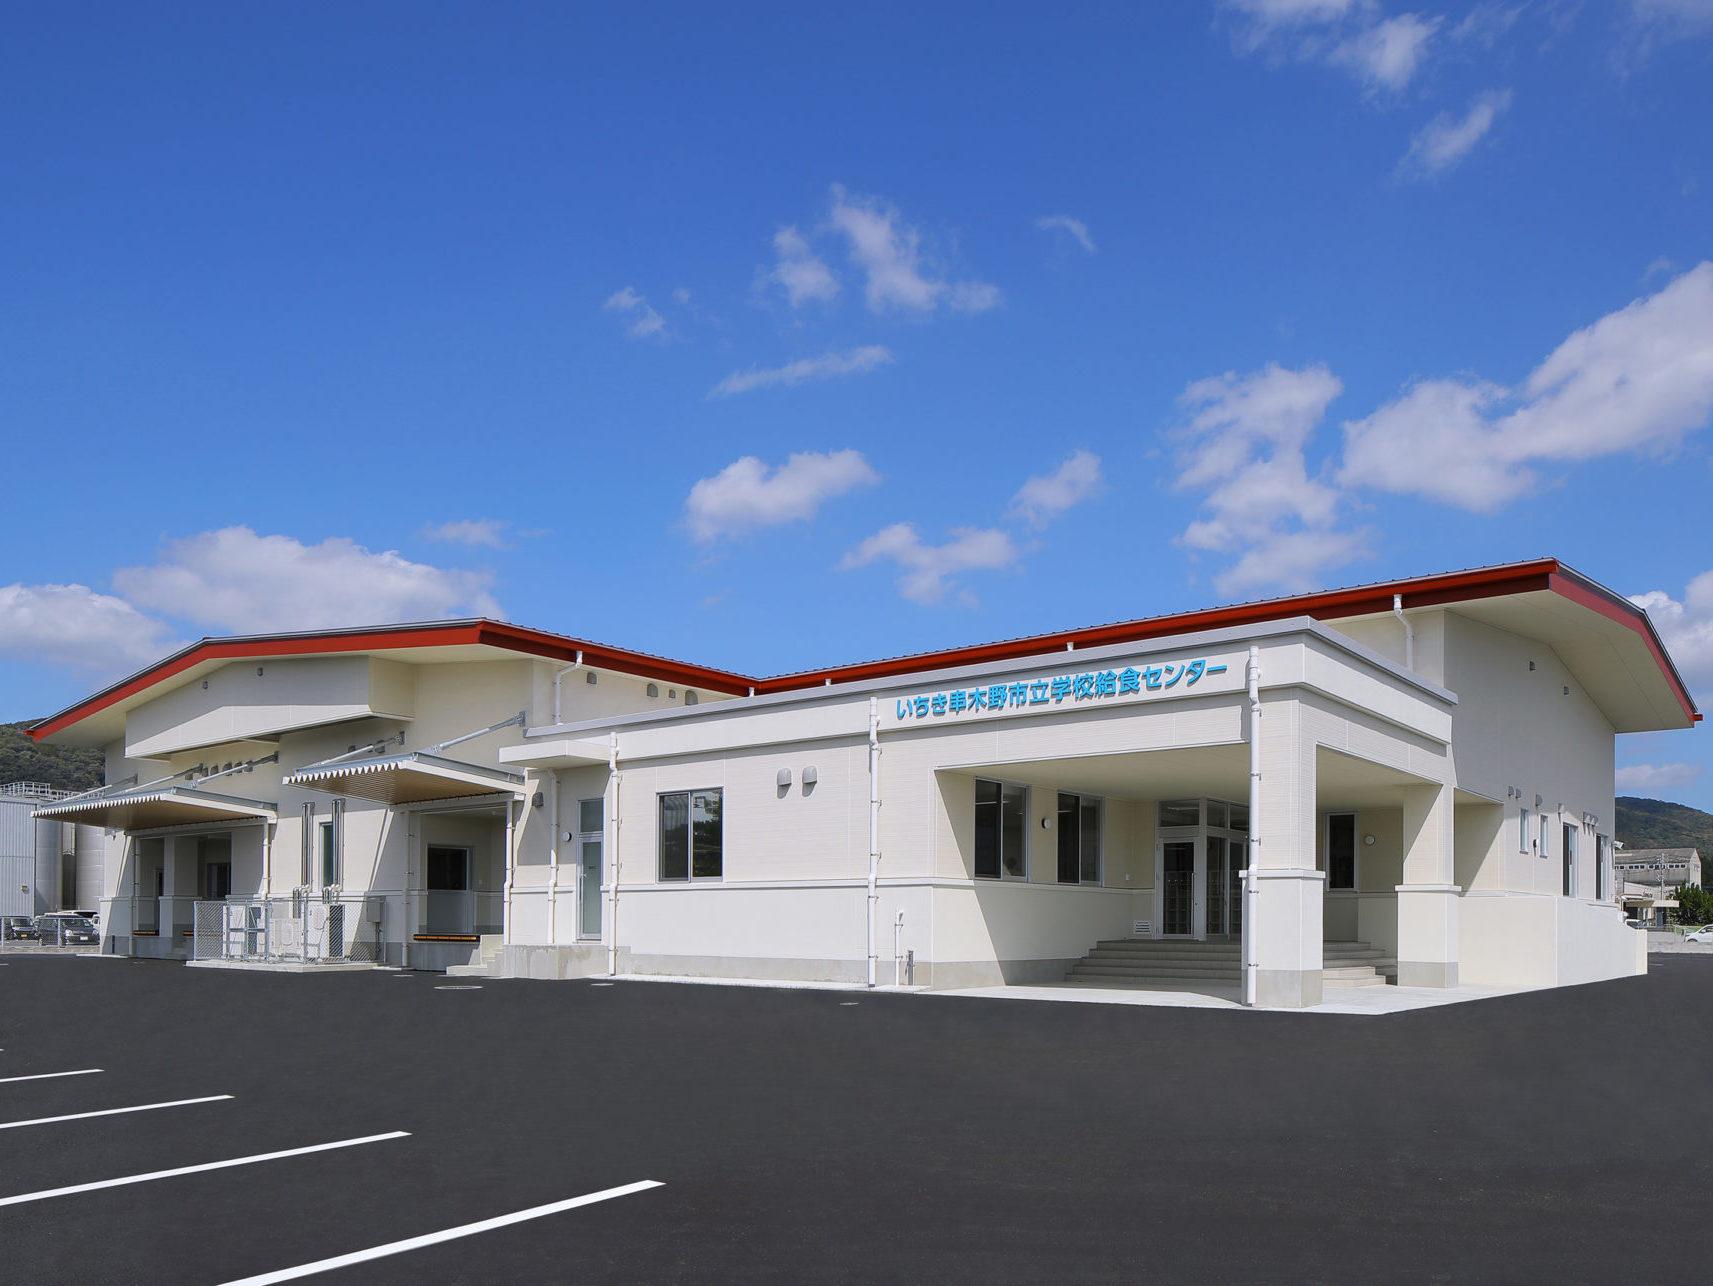 いちき串木野市立新学校給食センター建設工事